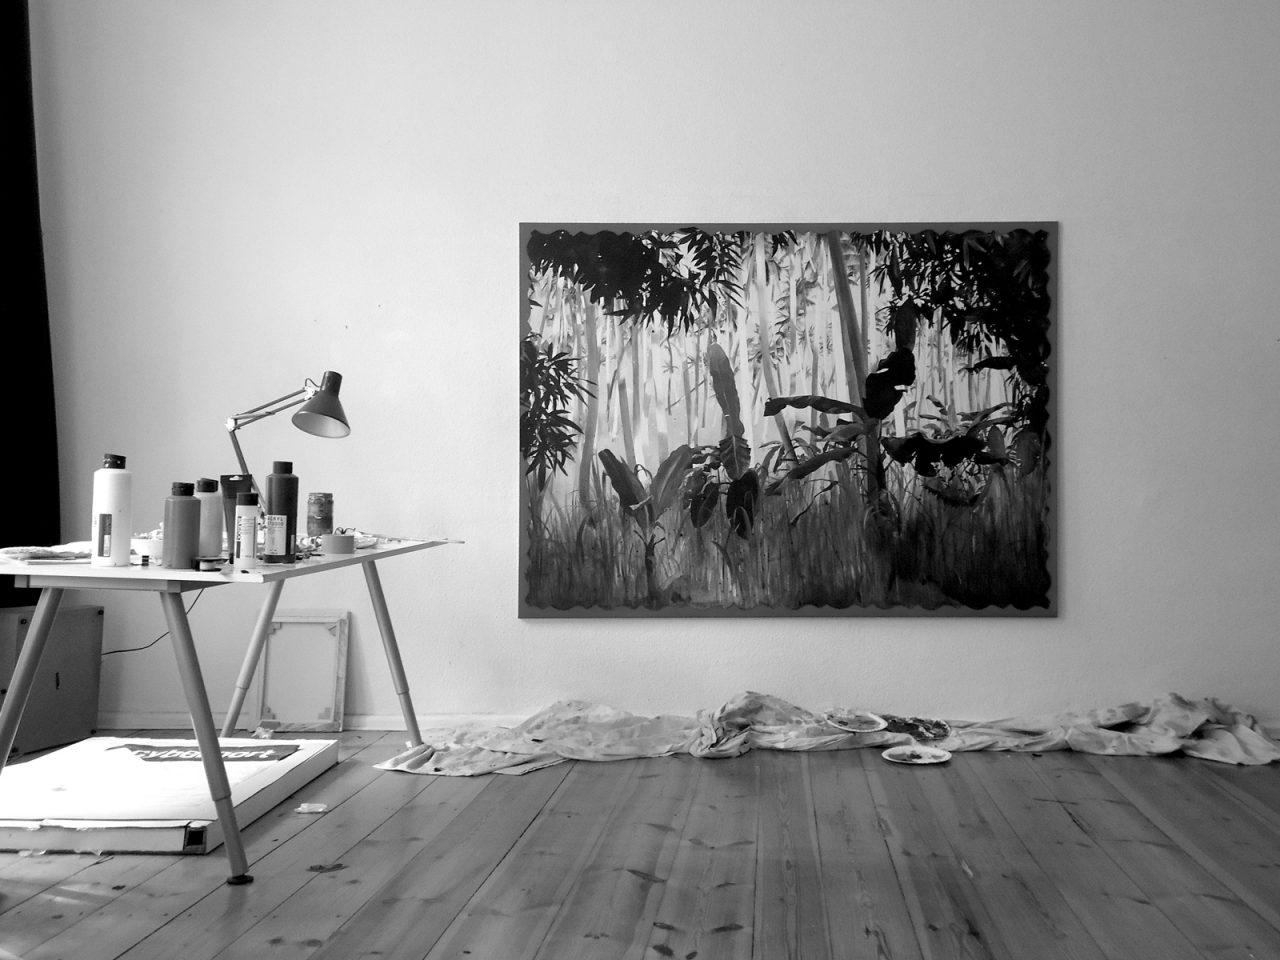 Studio, Berlin